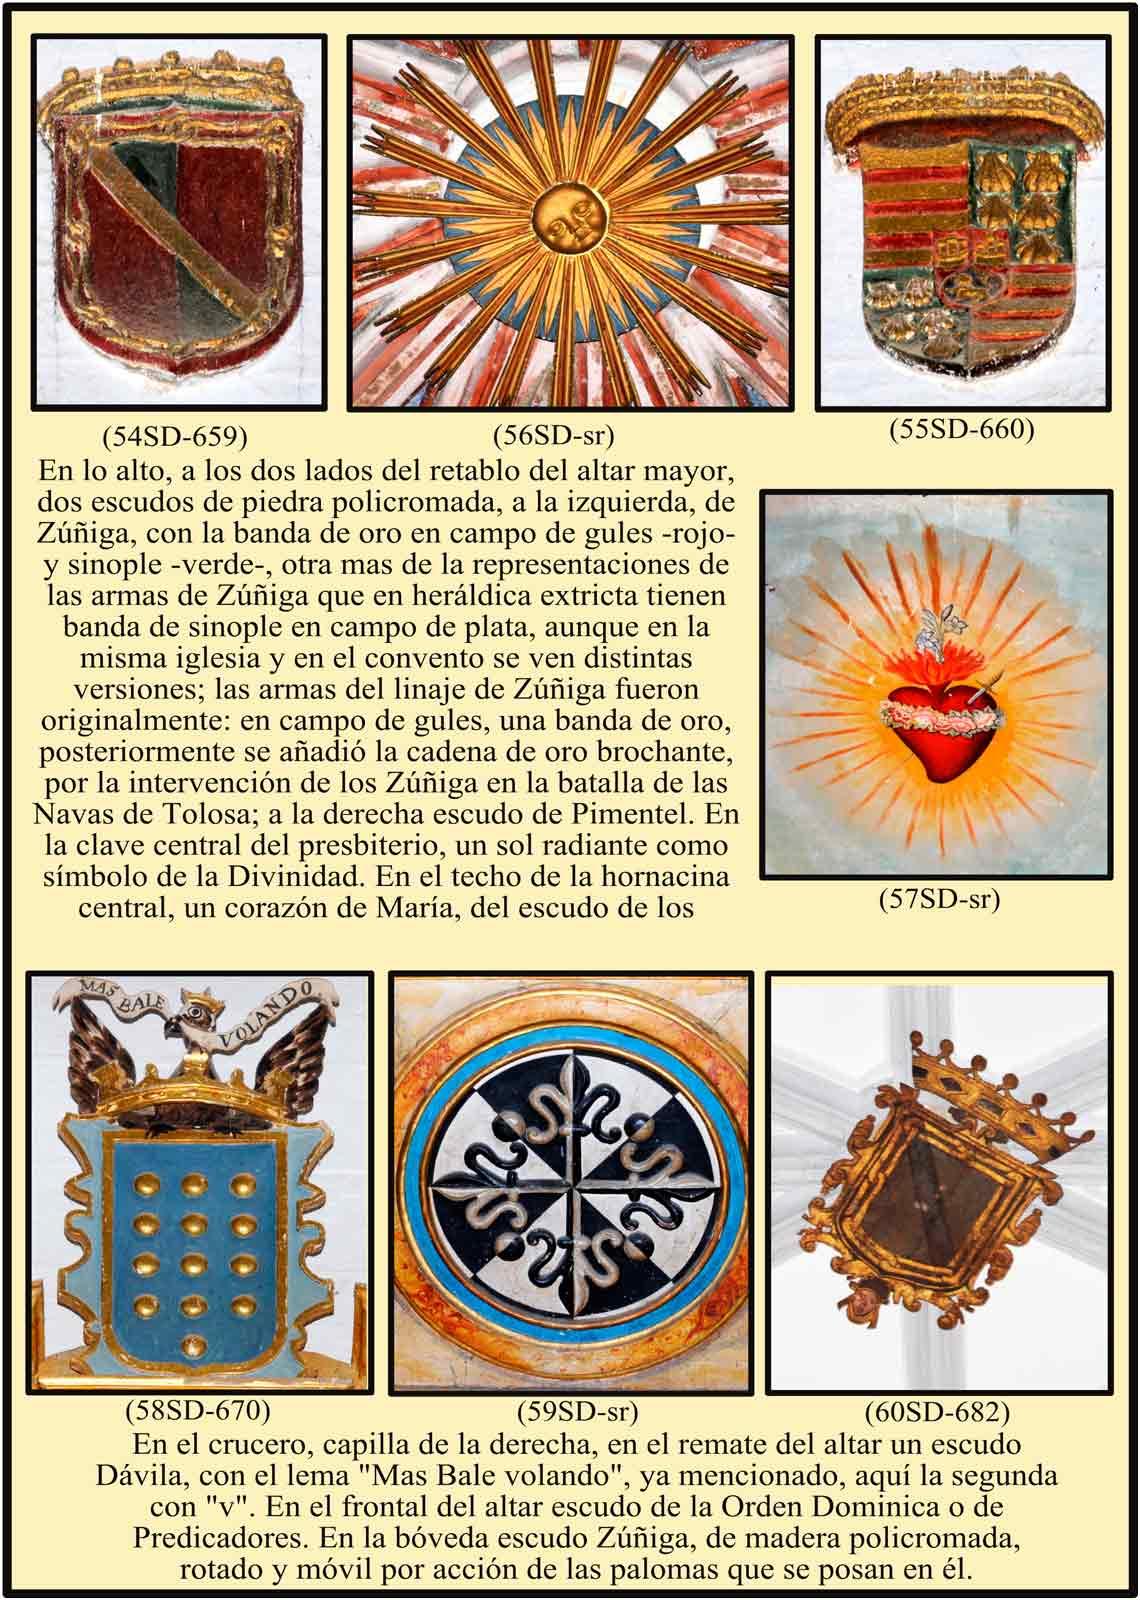 Escudos y simbolos en el altar mayor de Santo Domingo